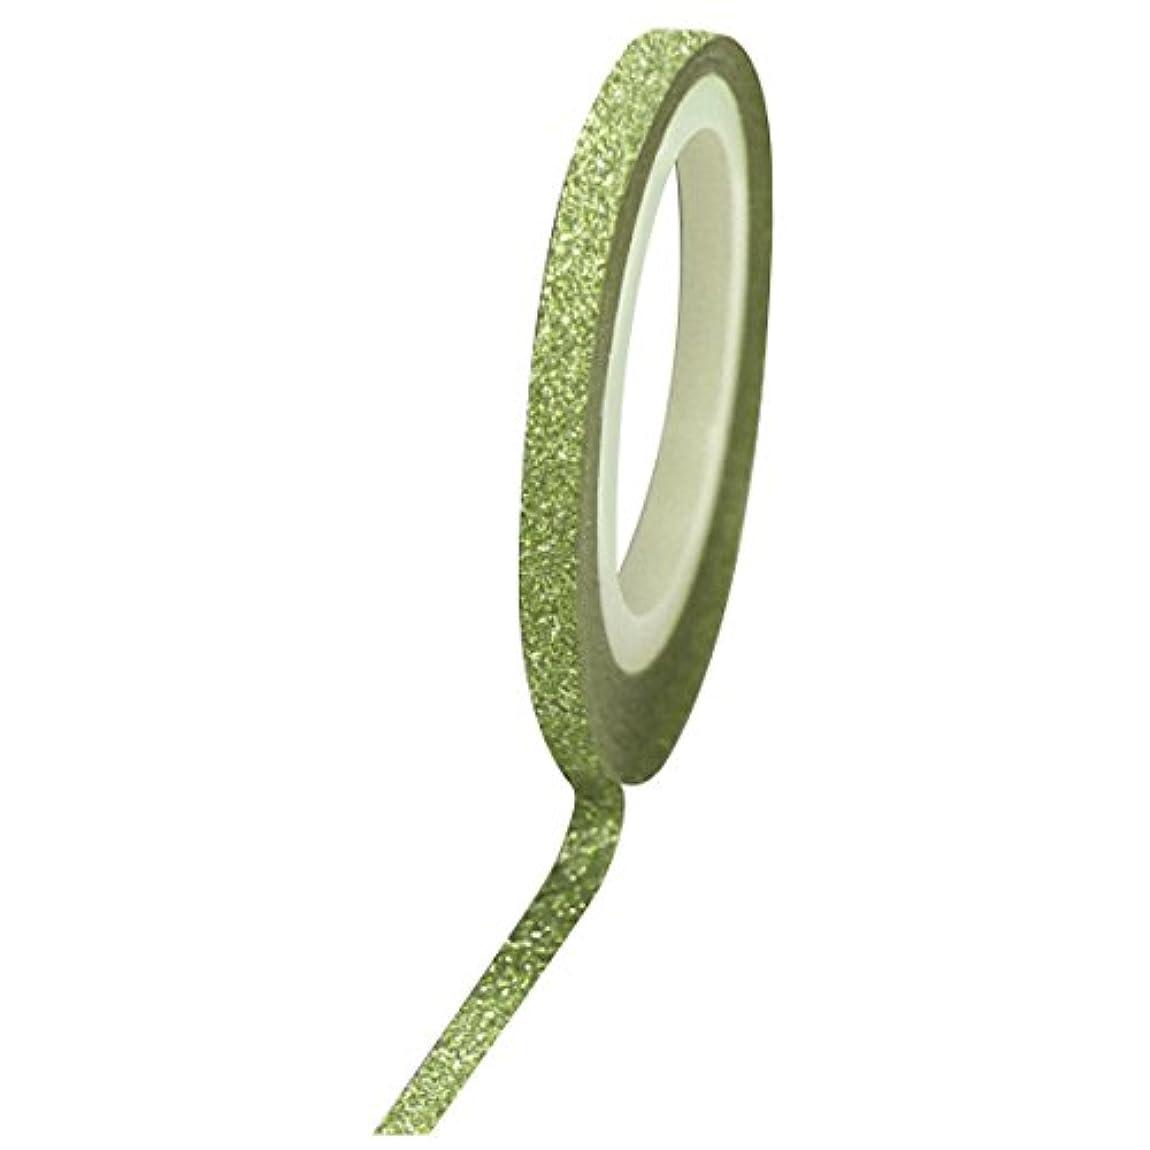 証言純粋に硬化するBonnail グリッターラインテープ 1mm グリーンラメ